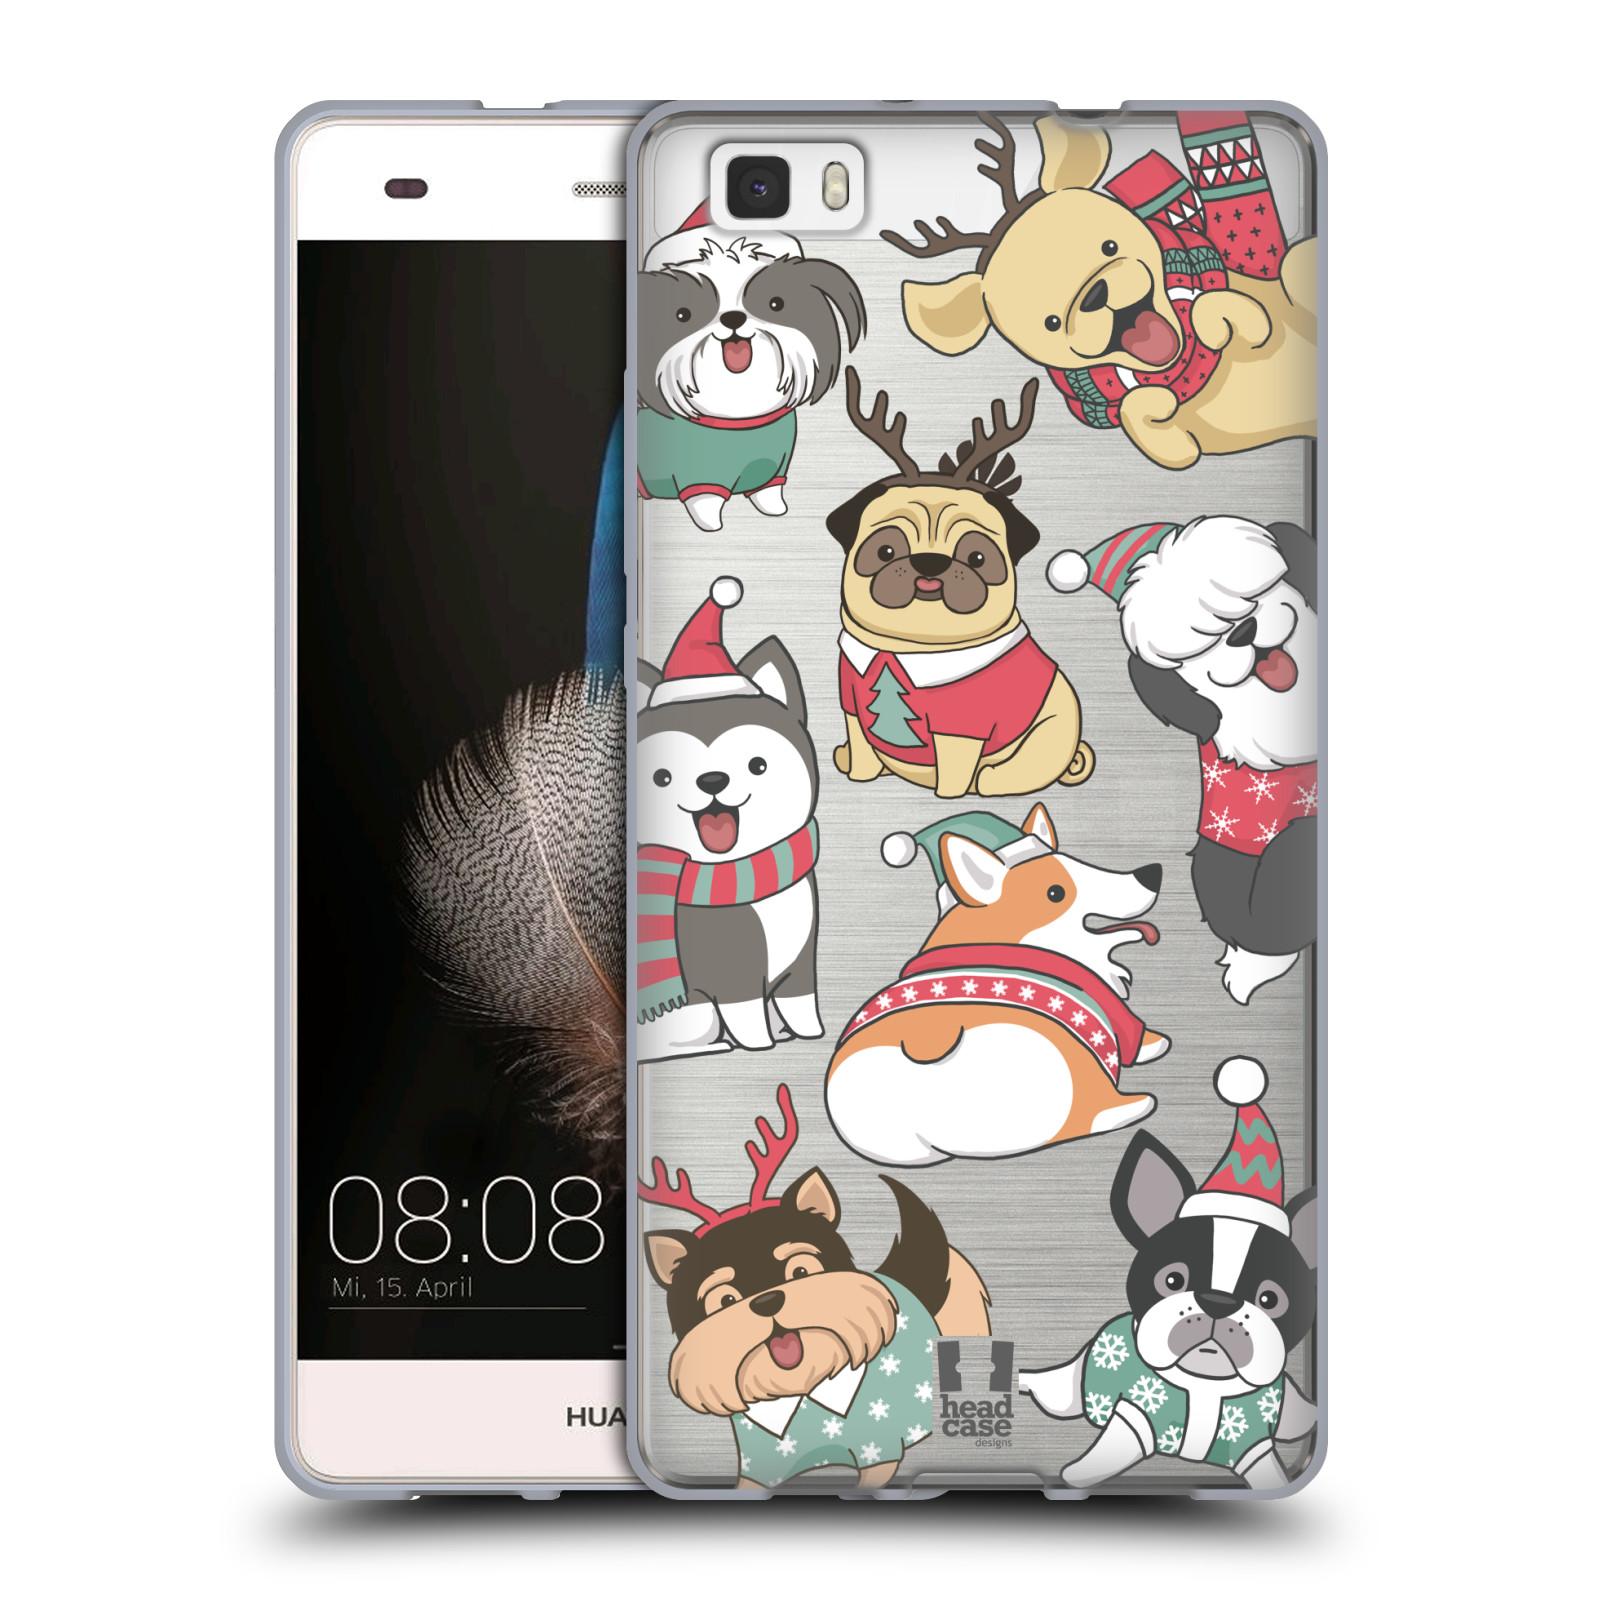 Silikonové pouzdro na mobil Huawei P8 Lite - Head Case - Vánoční pejsci